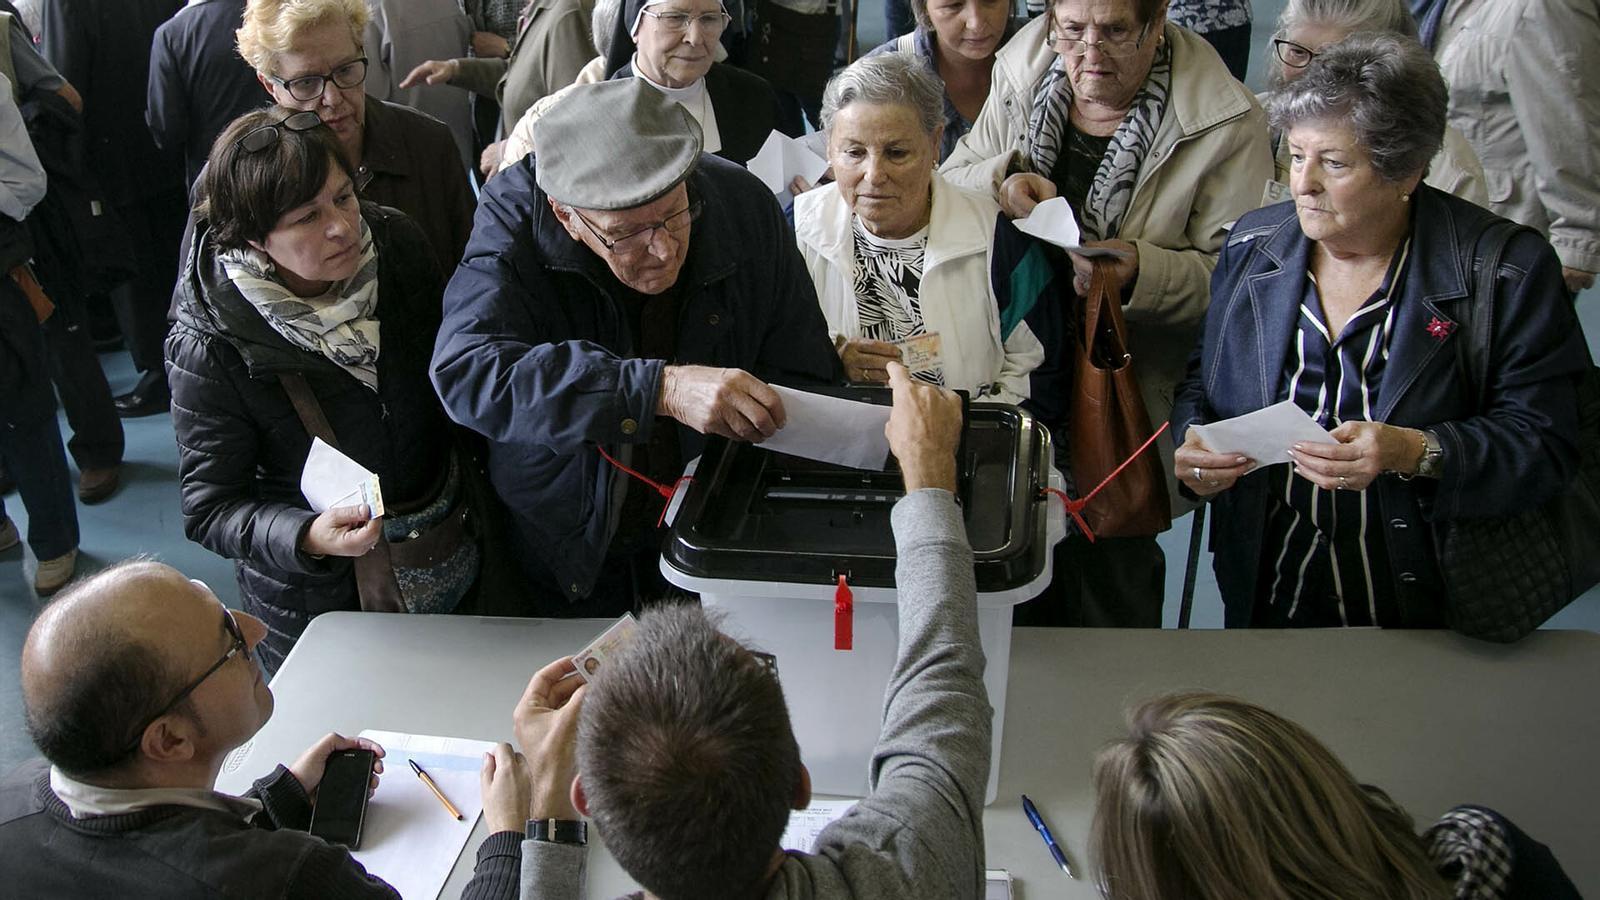 L'anàlisi d'Antoni Bassas: '«No surrender» és anar a votar i que tothom voti en pau'